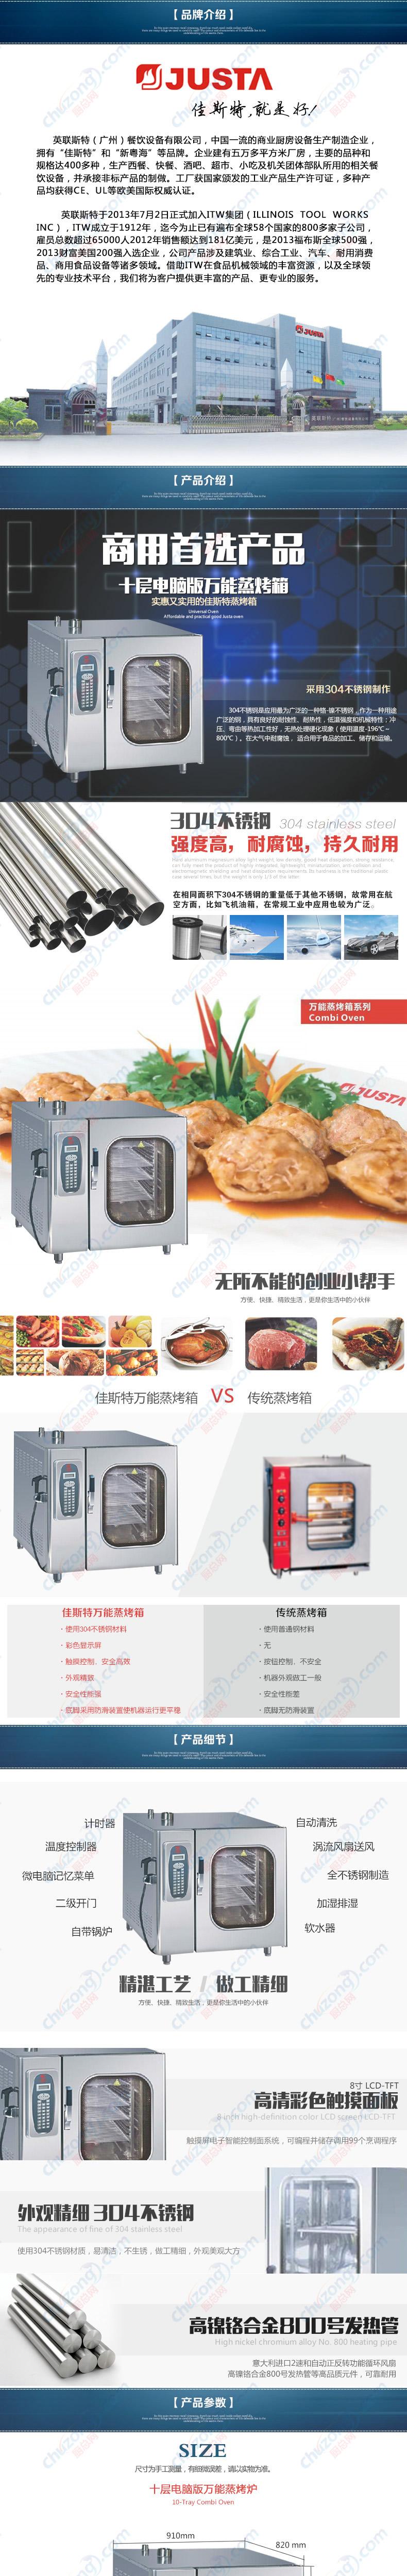 佳斯特萬能蒸烤箱,十層蒸烤箱 電腦版蒸烤箱EWR-10-11-M